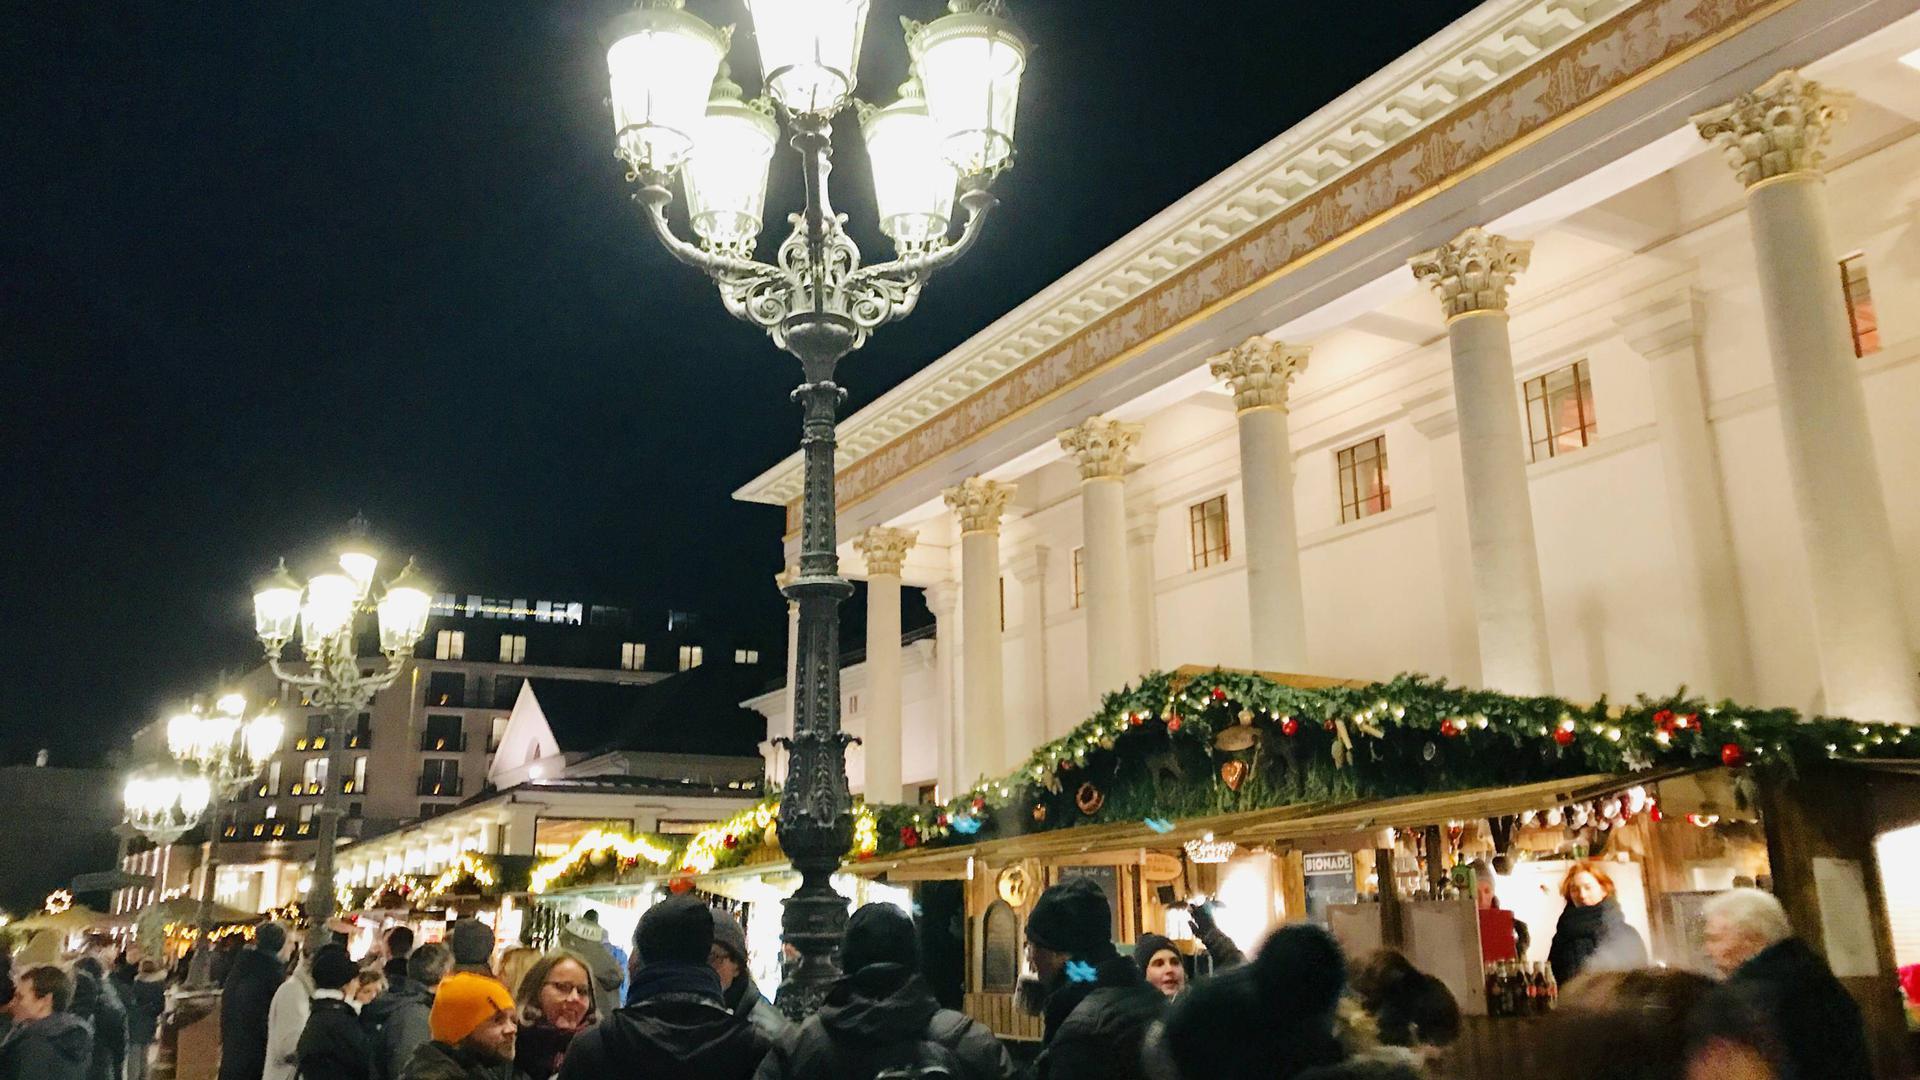 Stände stehen beim Weihnachtsmarkt in Baden-Baden vor dem Kurhaus.